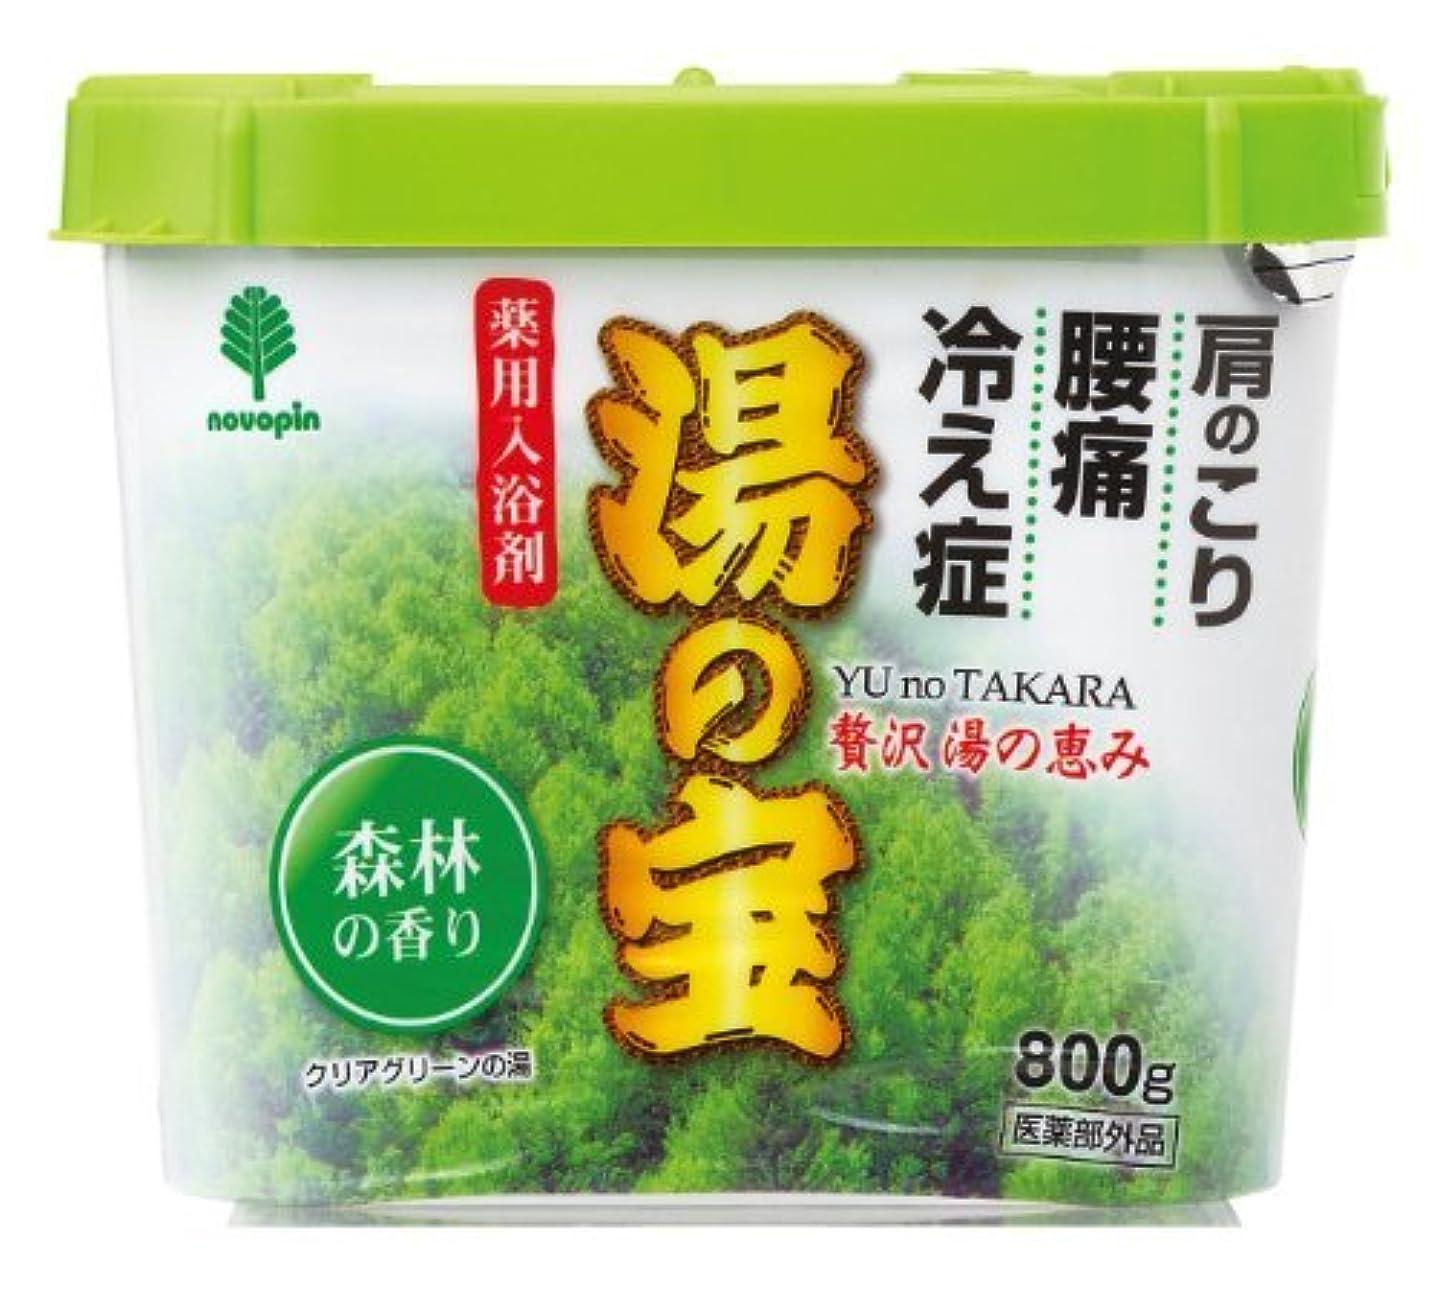 慎重ノミネート浅い紀陽除虫菊 湯の宝 森林の香り 800g【まとめ買い16個セット】 N-0055